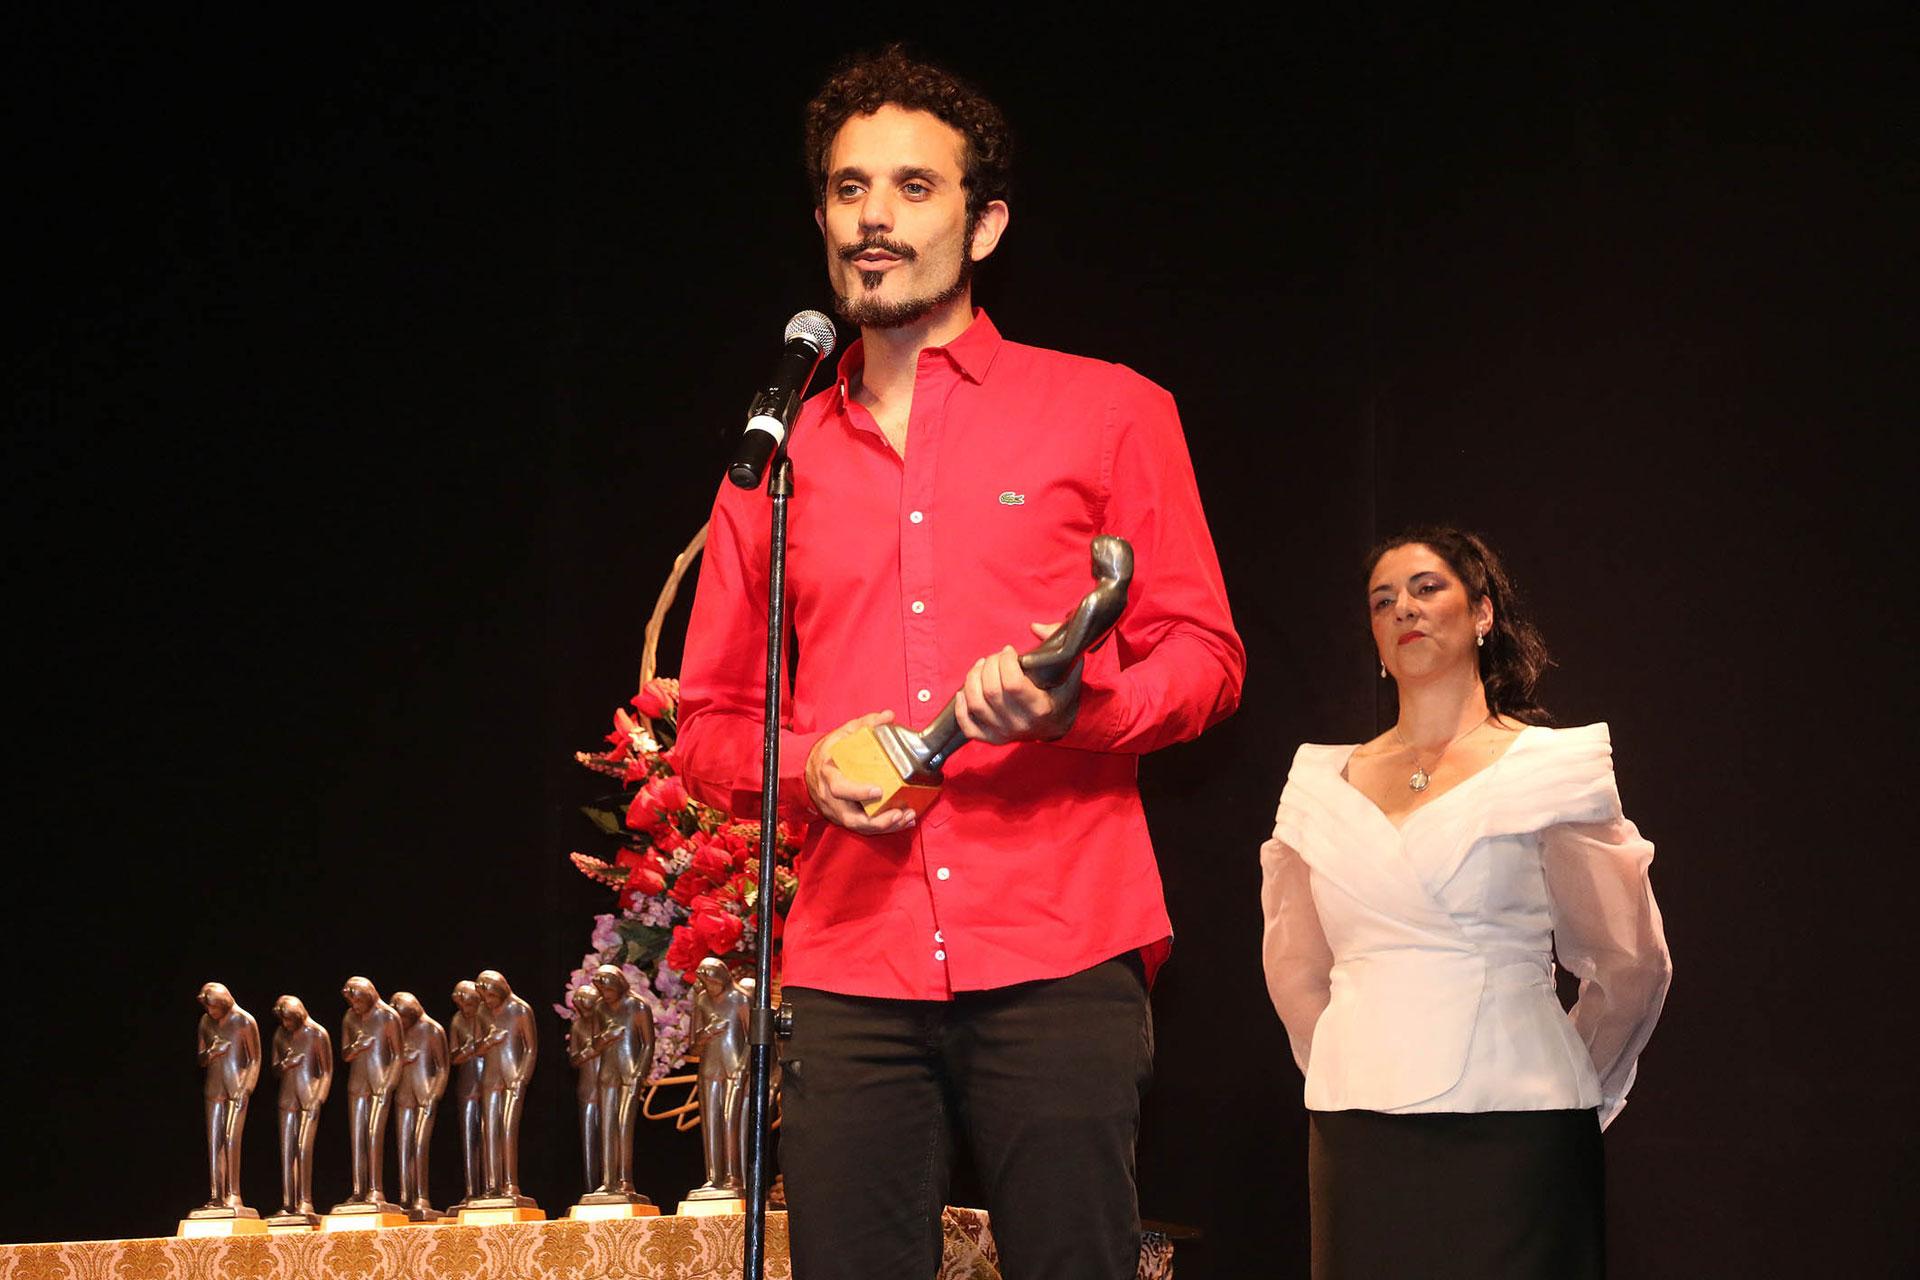 """Mariano Mazzei ganó una distinción por su interpretación en la obra """"Sola no eres nadie"""""""